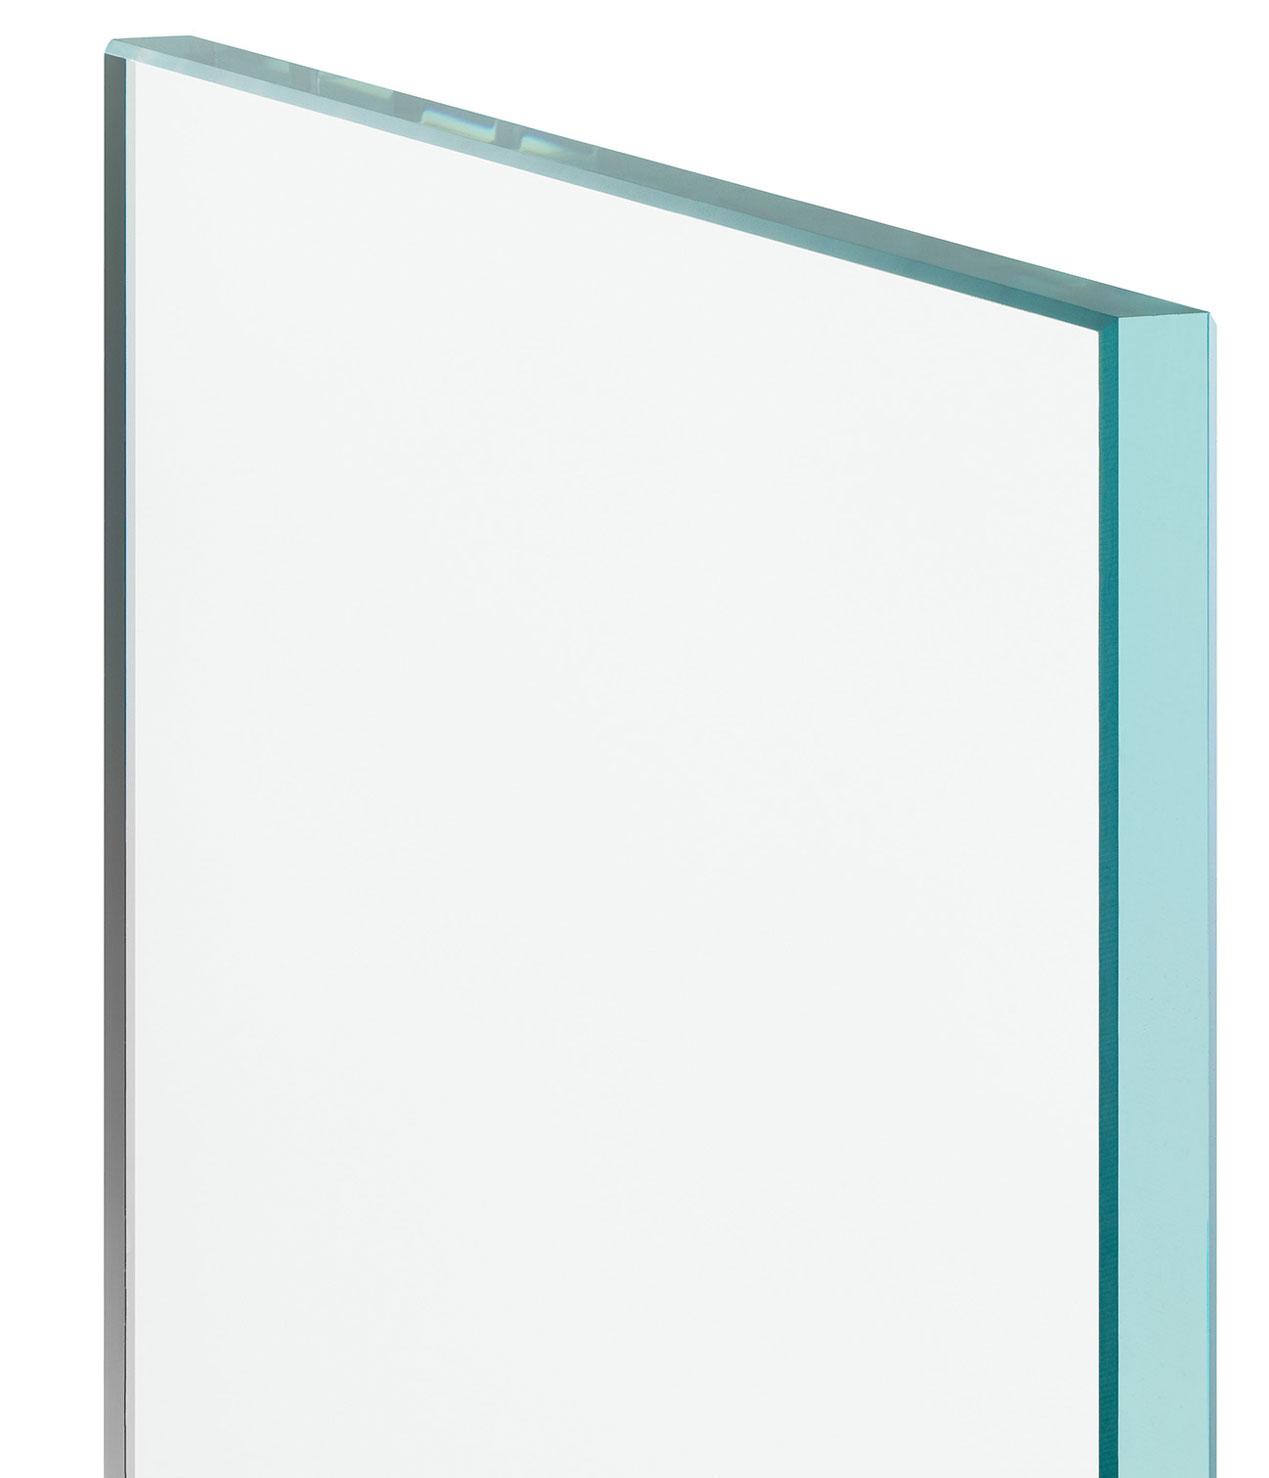 extraklares glas nach ma fabelhaftes glas. Black Bedroom Furniture Sets. Home Design Ideas